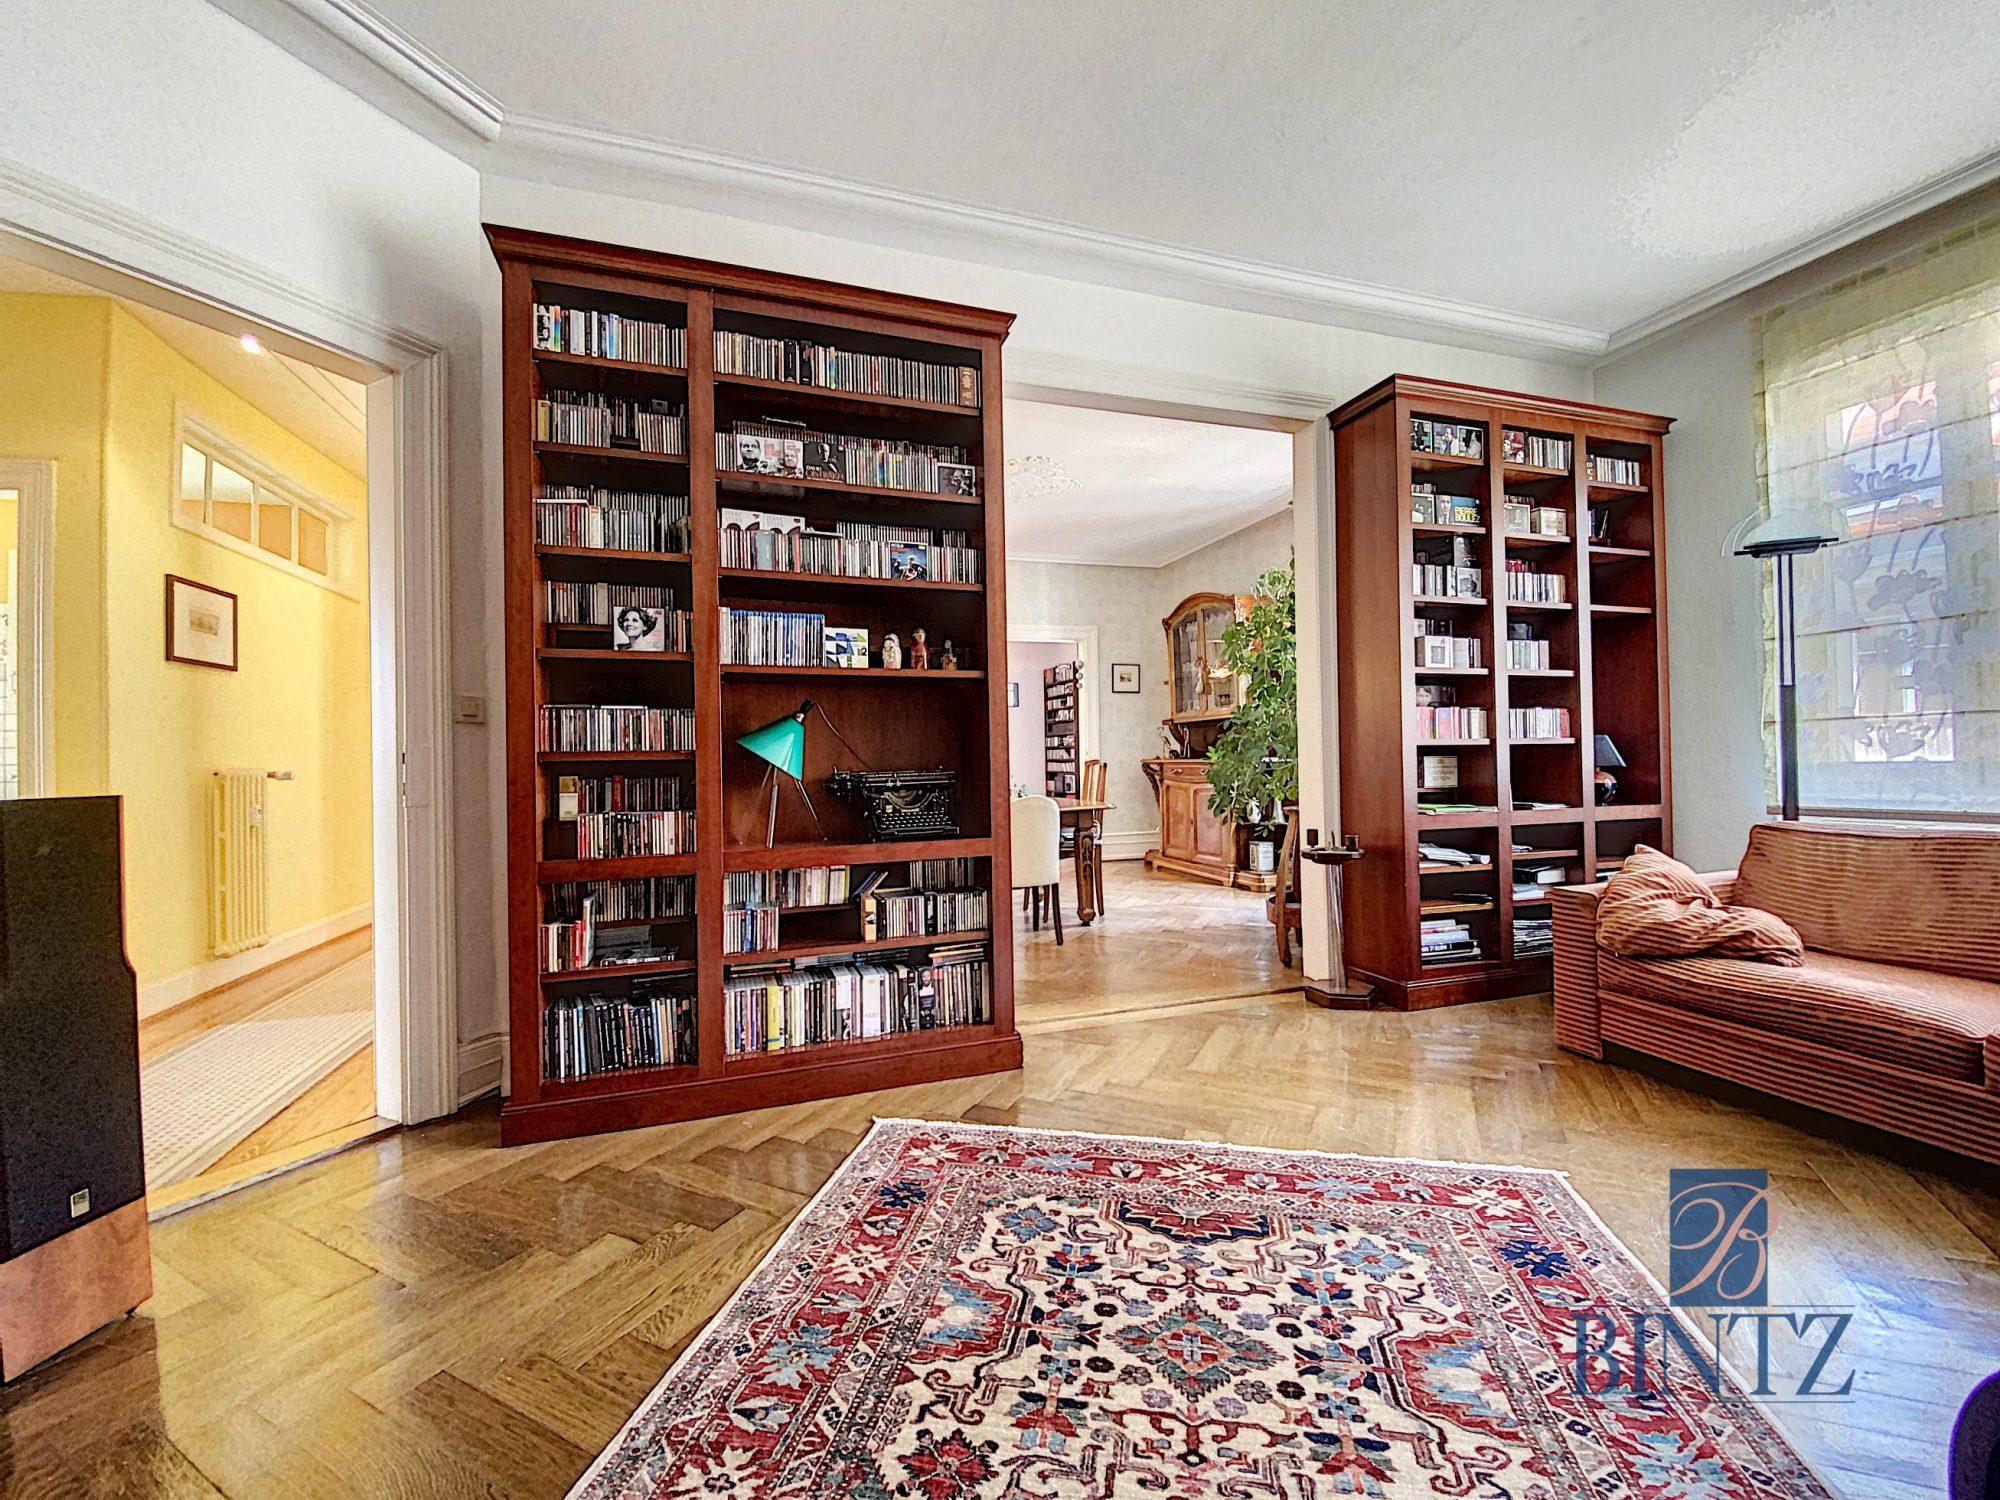 Appartement de 7 pièces – Rue Schwendi - Devenez propriétaire en toute confiance - Bintz Immobilier - 15